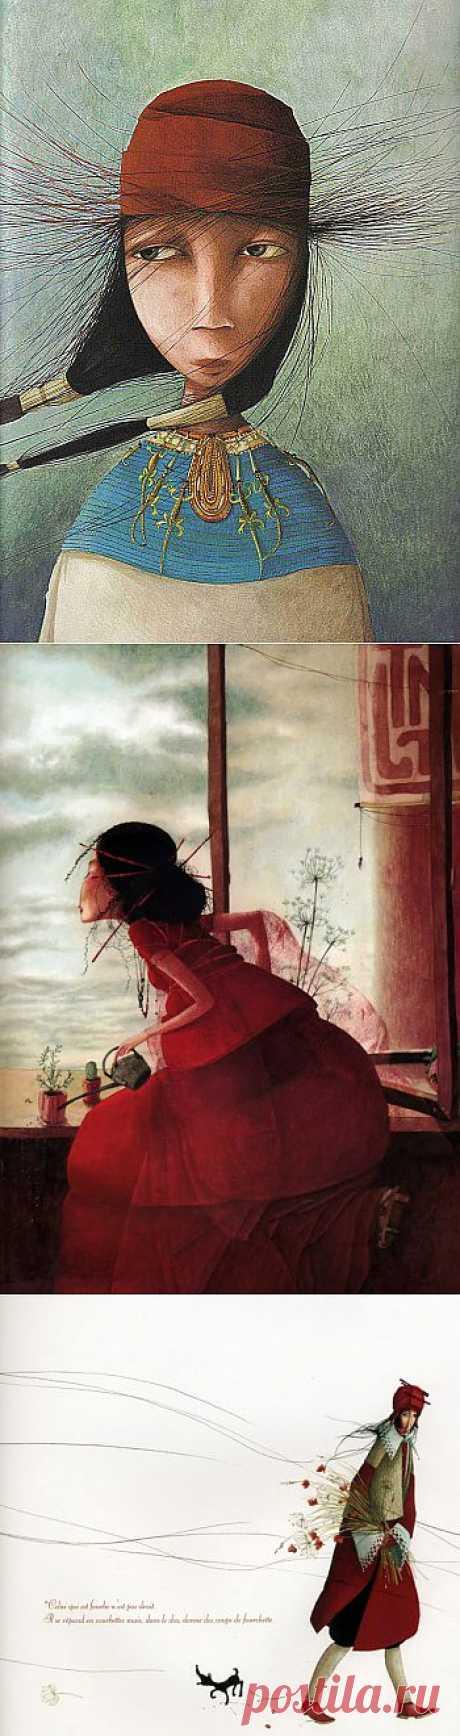 Иллюстратор детских книг Ребекка Дотремер | Fresher - Лучшее из Рунета за день